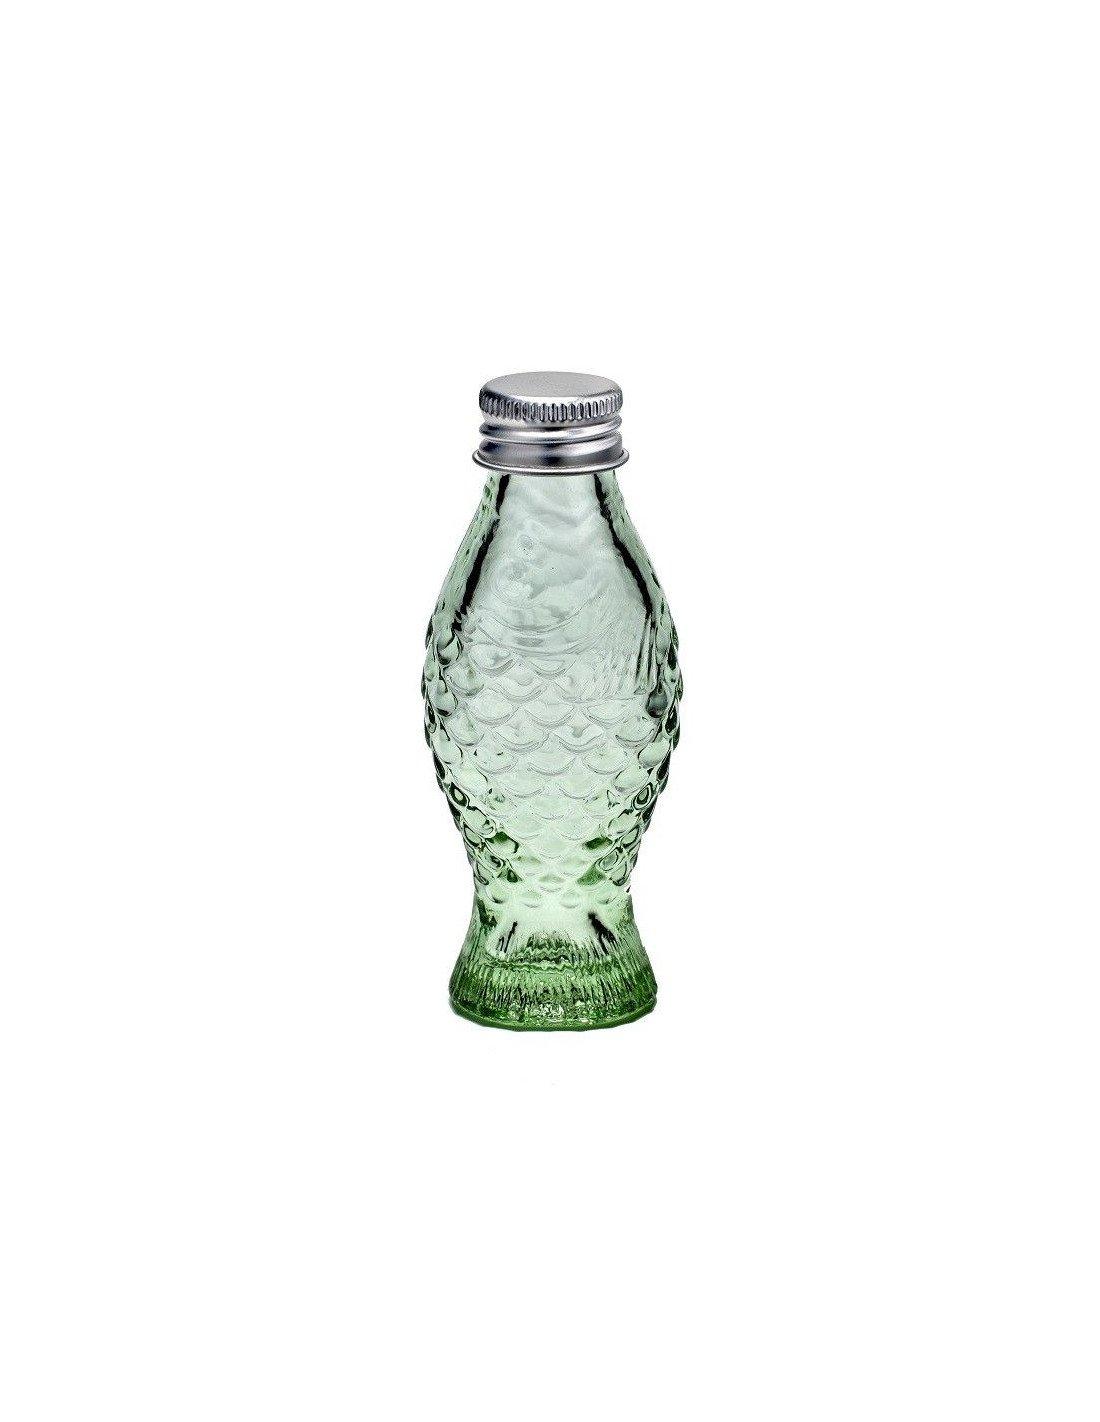 Serax mini bouteille poisson design paola navone - La bouteille sur la table ...